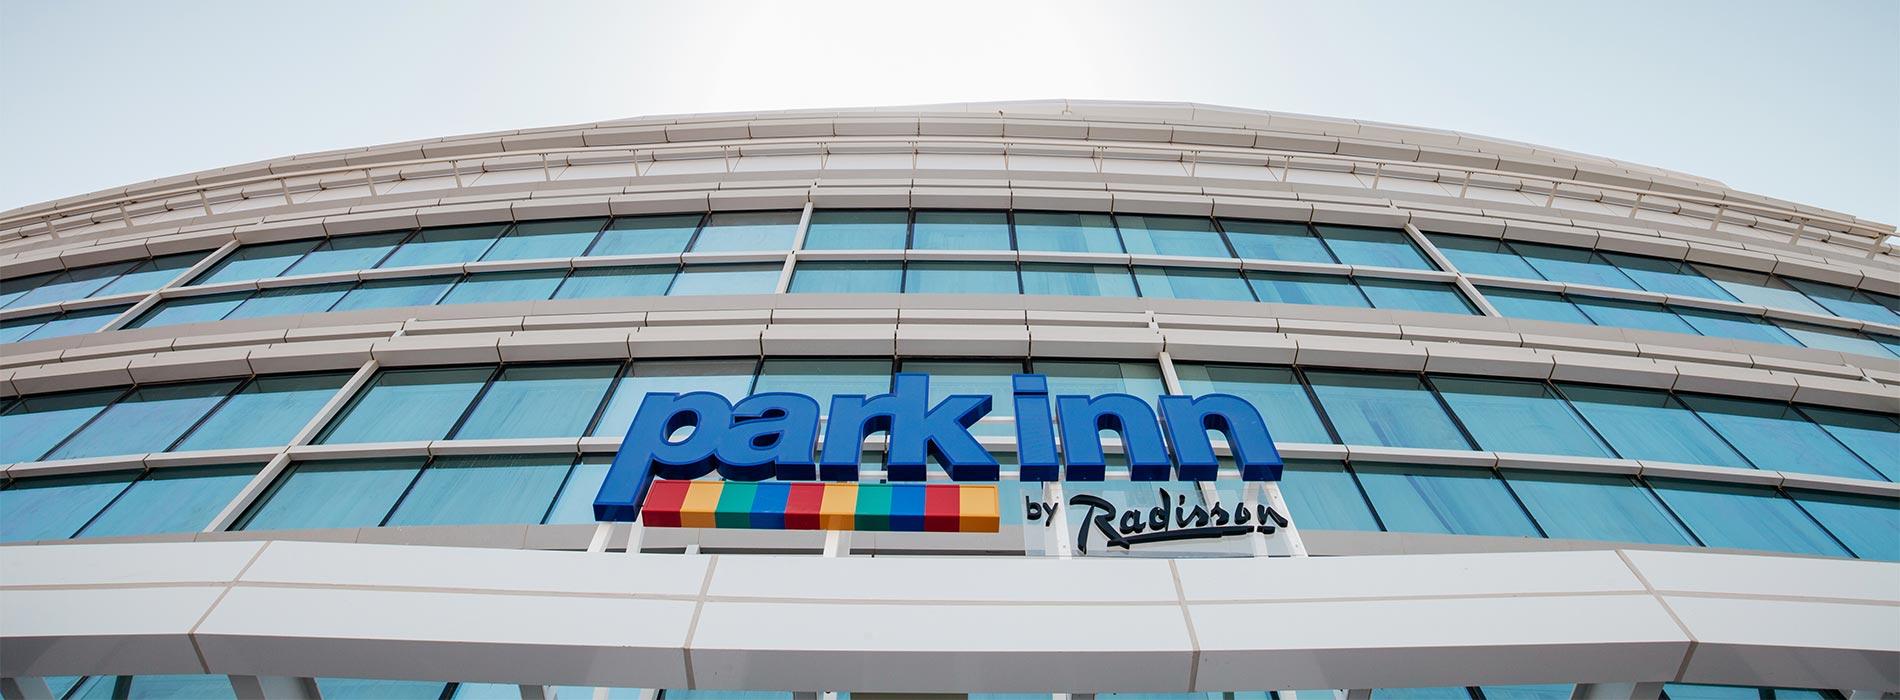 Park inn by radisson dubai motor city outlet promolover for Motor city casino hours